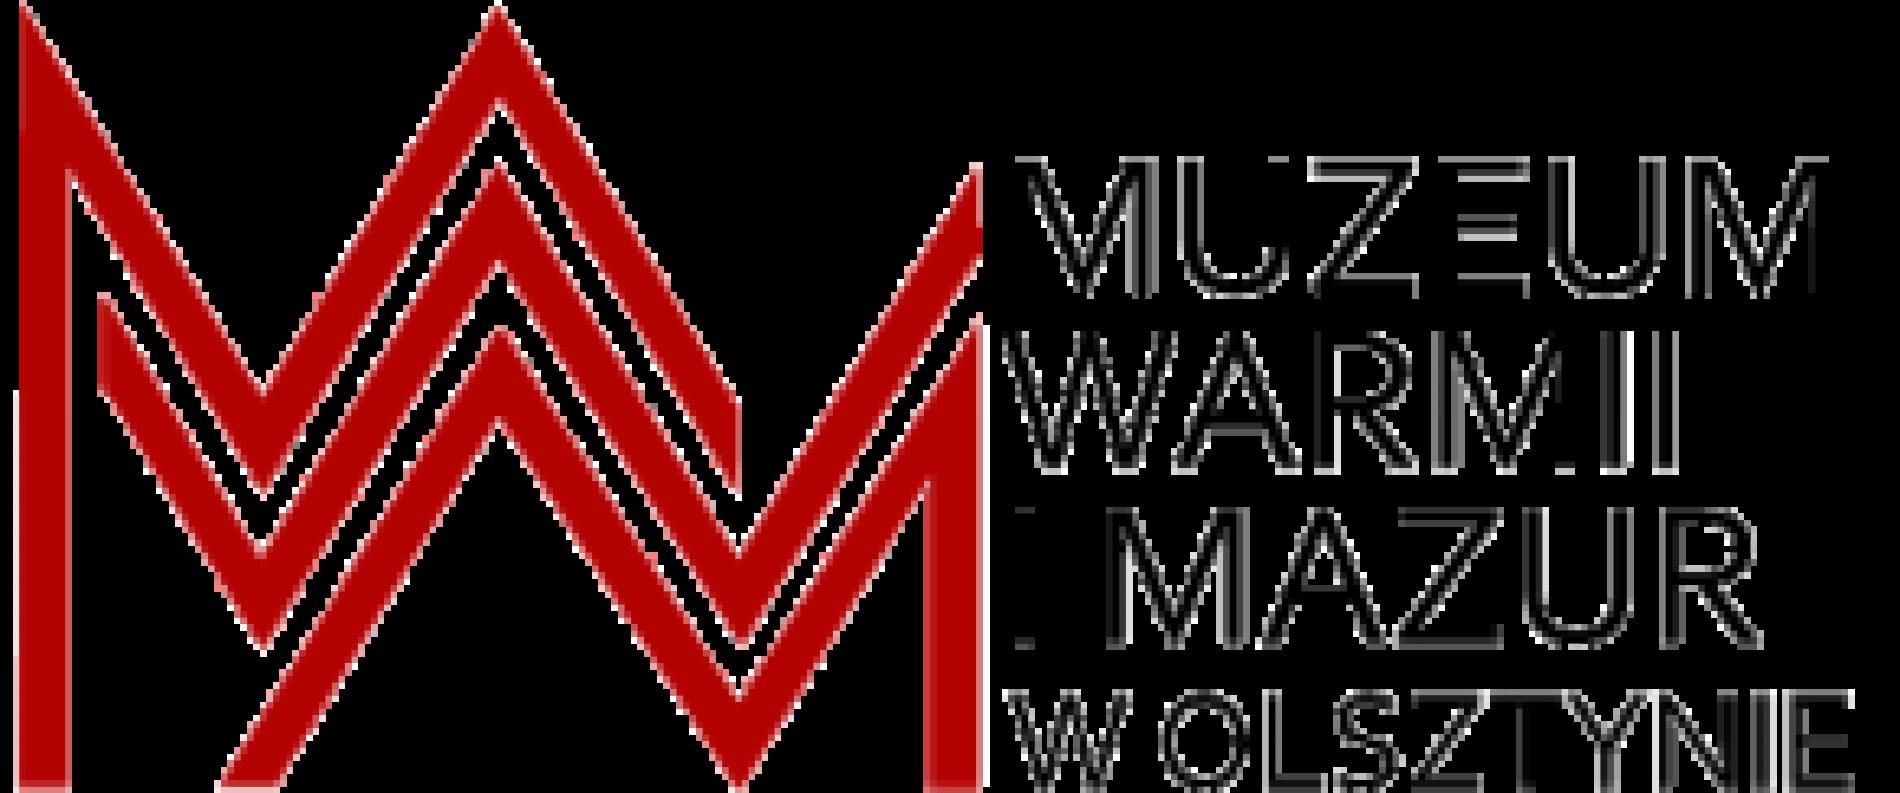 Muzeum Warmii i Mazur wzbogaciło się o nowe dzieła sztuki